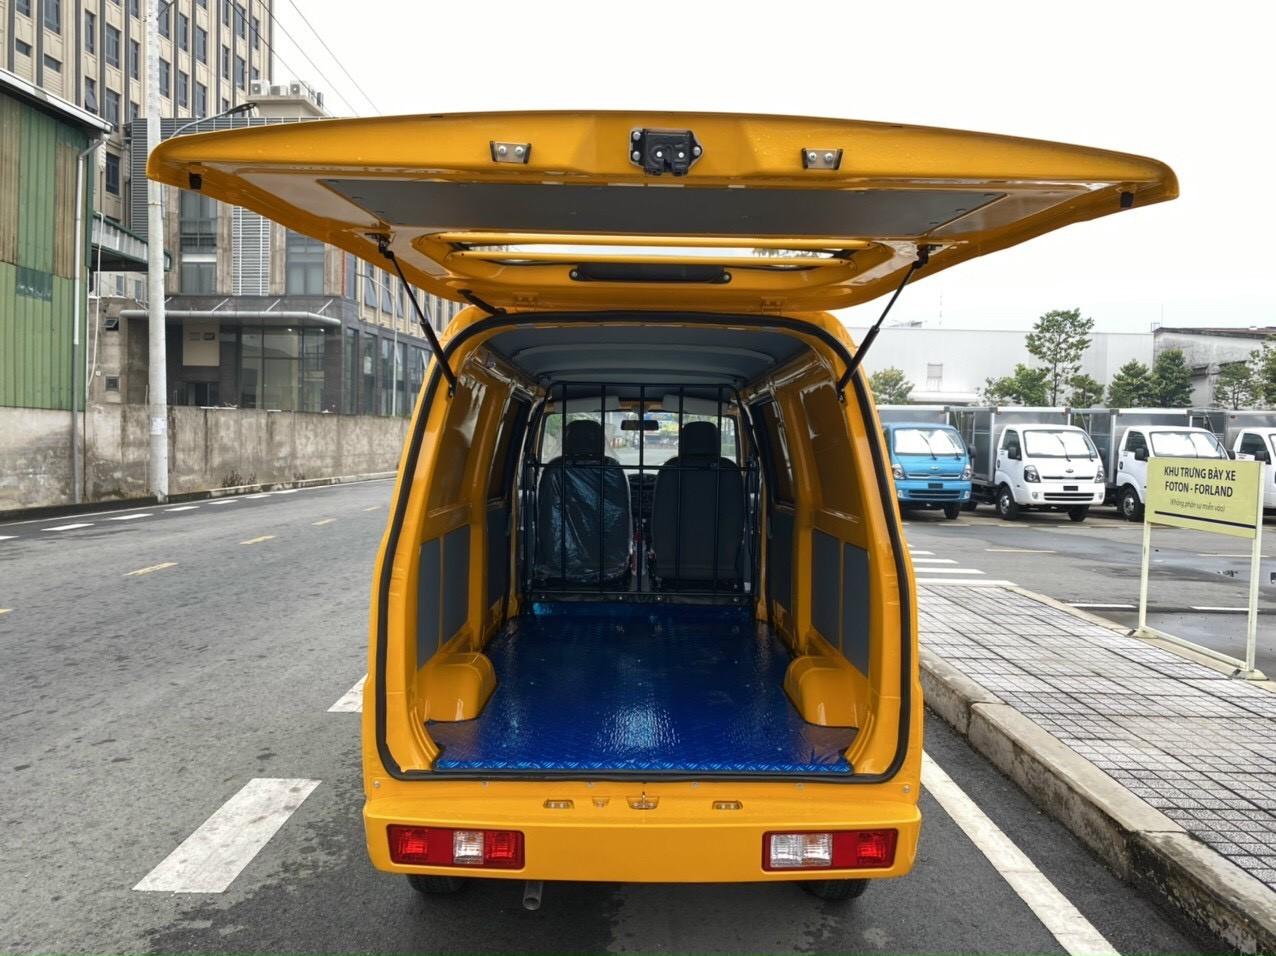 Xe Towner Van 2S xe chuyên chạy giờ cấm 24/24. Xe van công nghệ Nhật Bản. Chất lượng an tâm